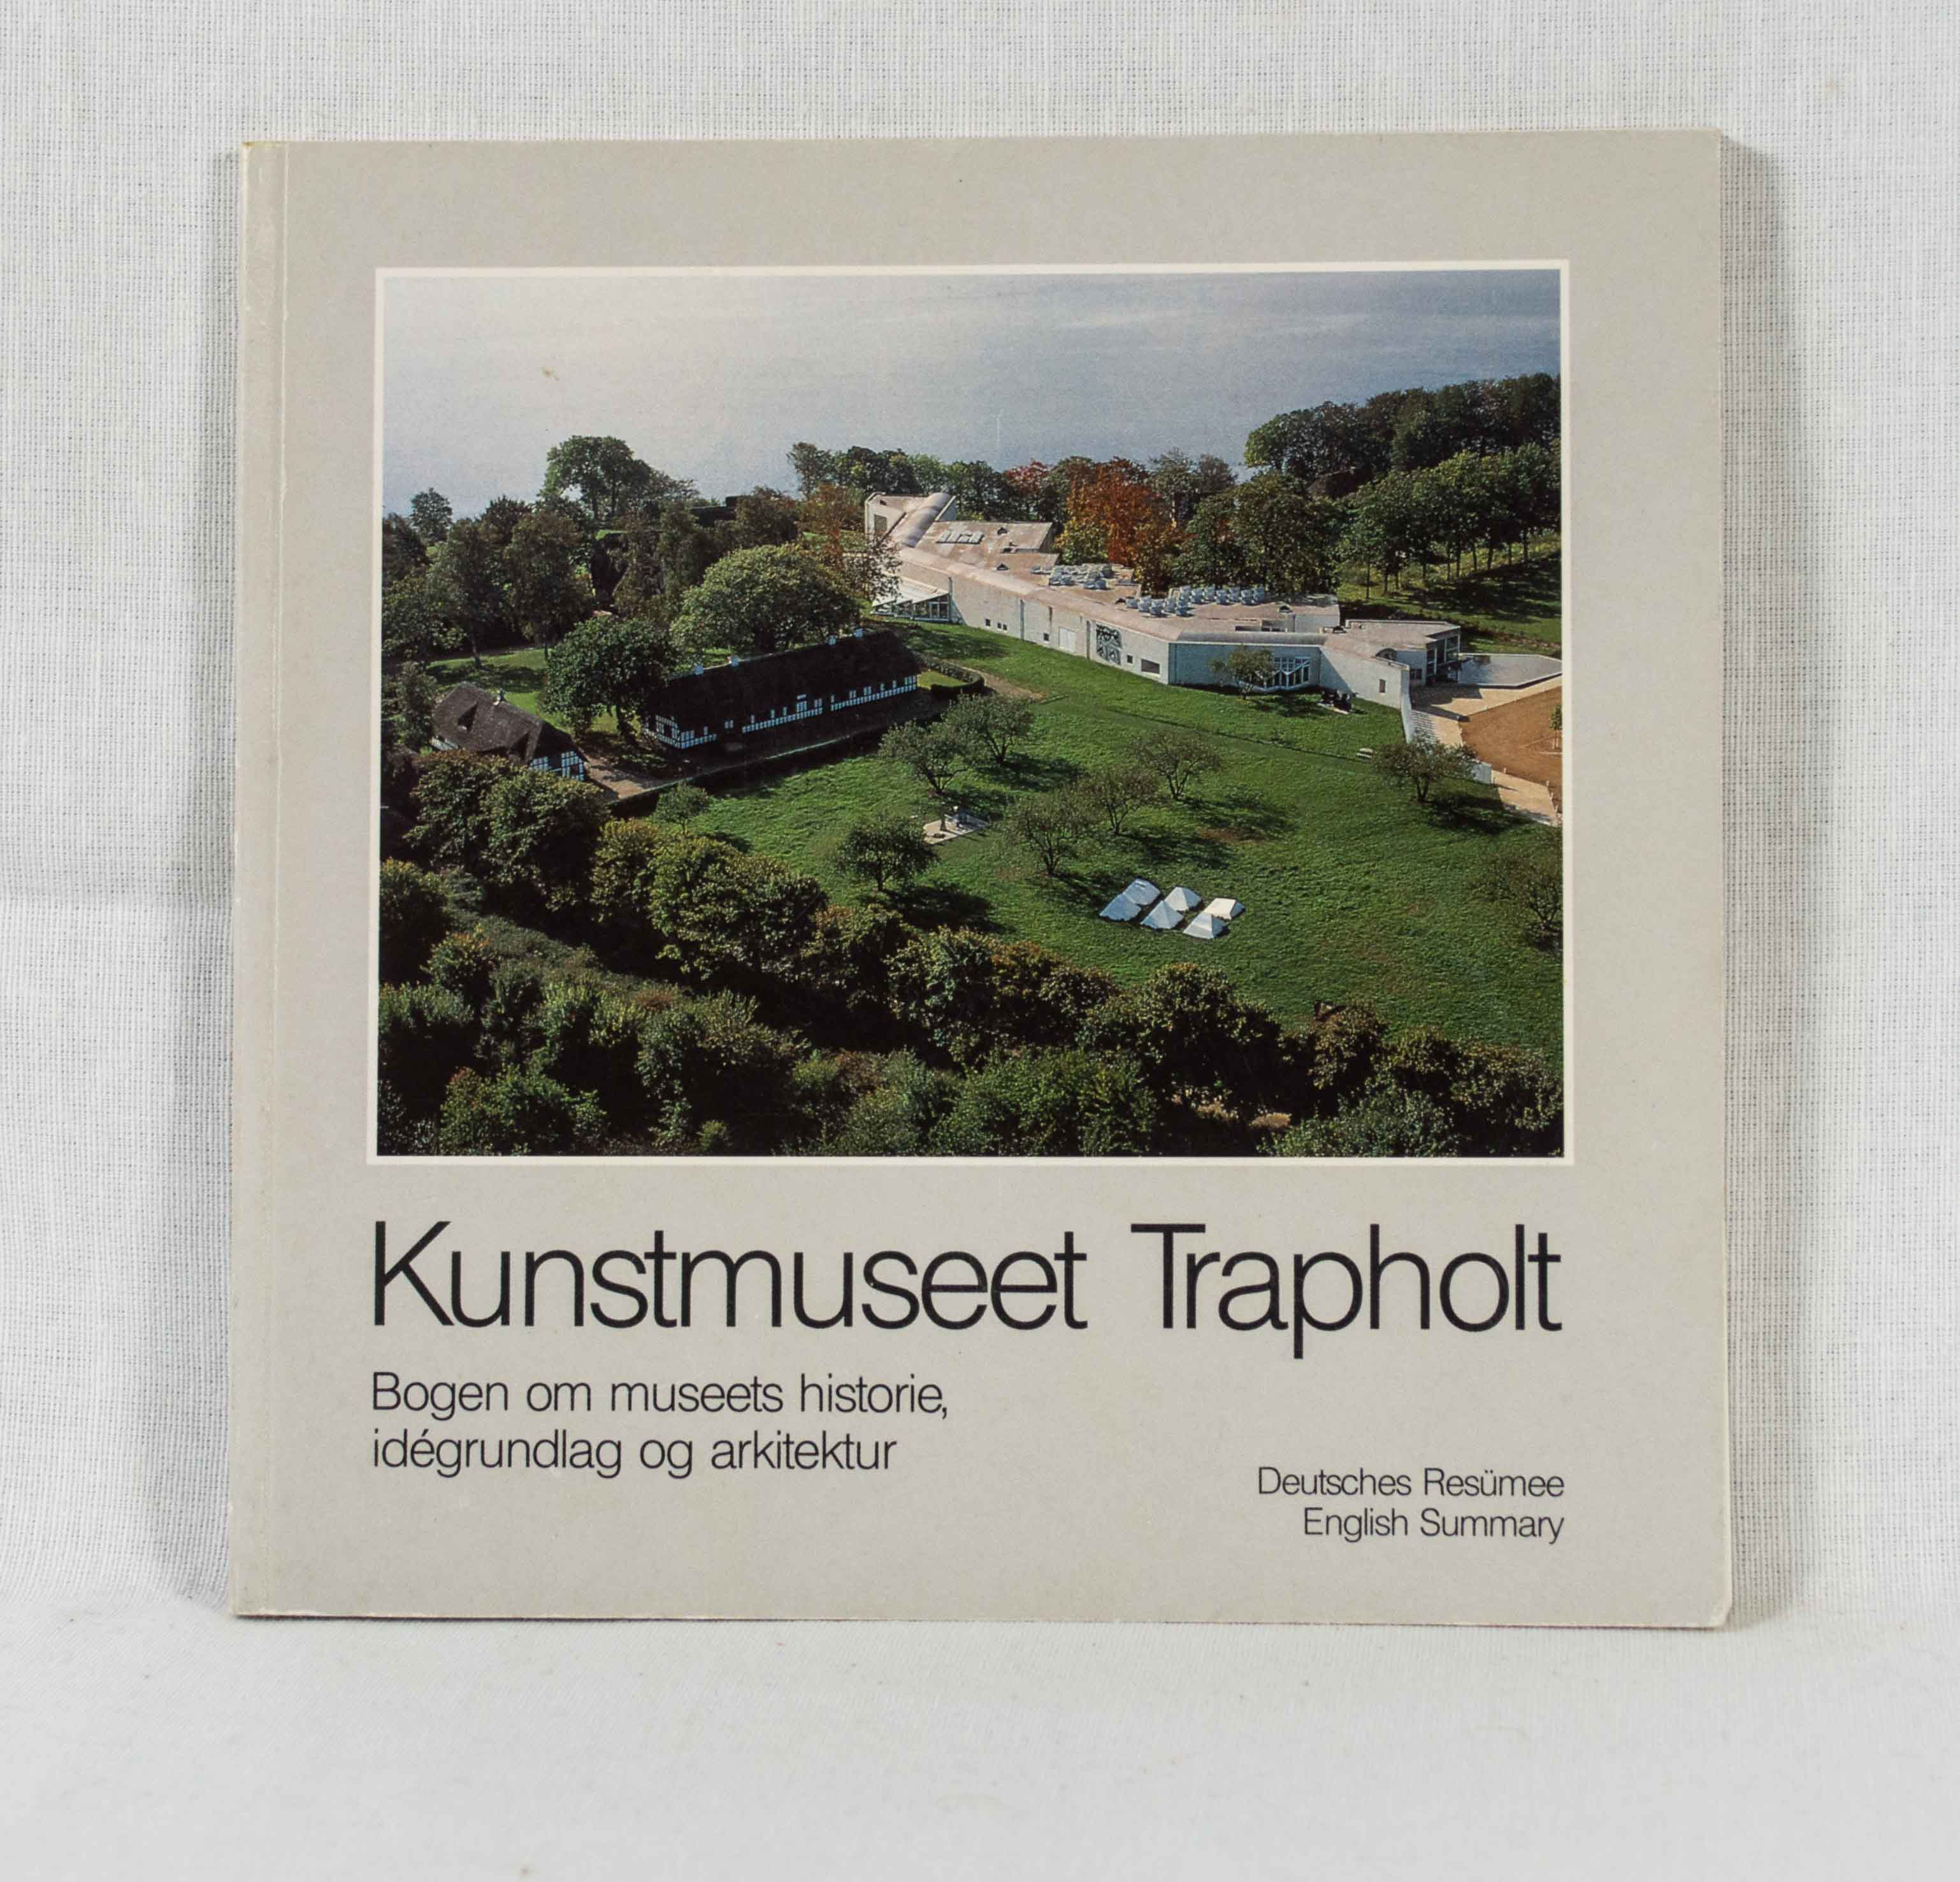 Kunstmuseet Trapholt: Bogen om museets historie, idégrundlag og arkitektur. Deutsches Resümee / English Summary. 2. udgave.